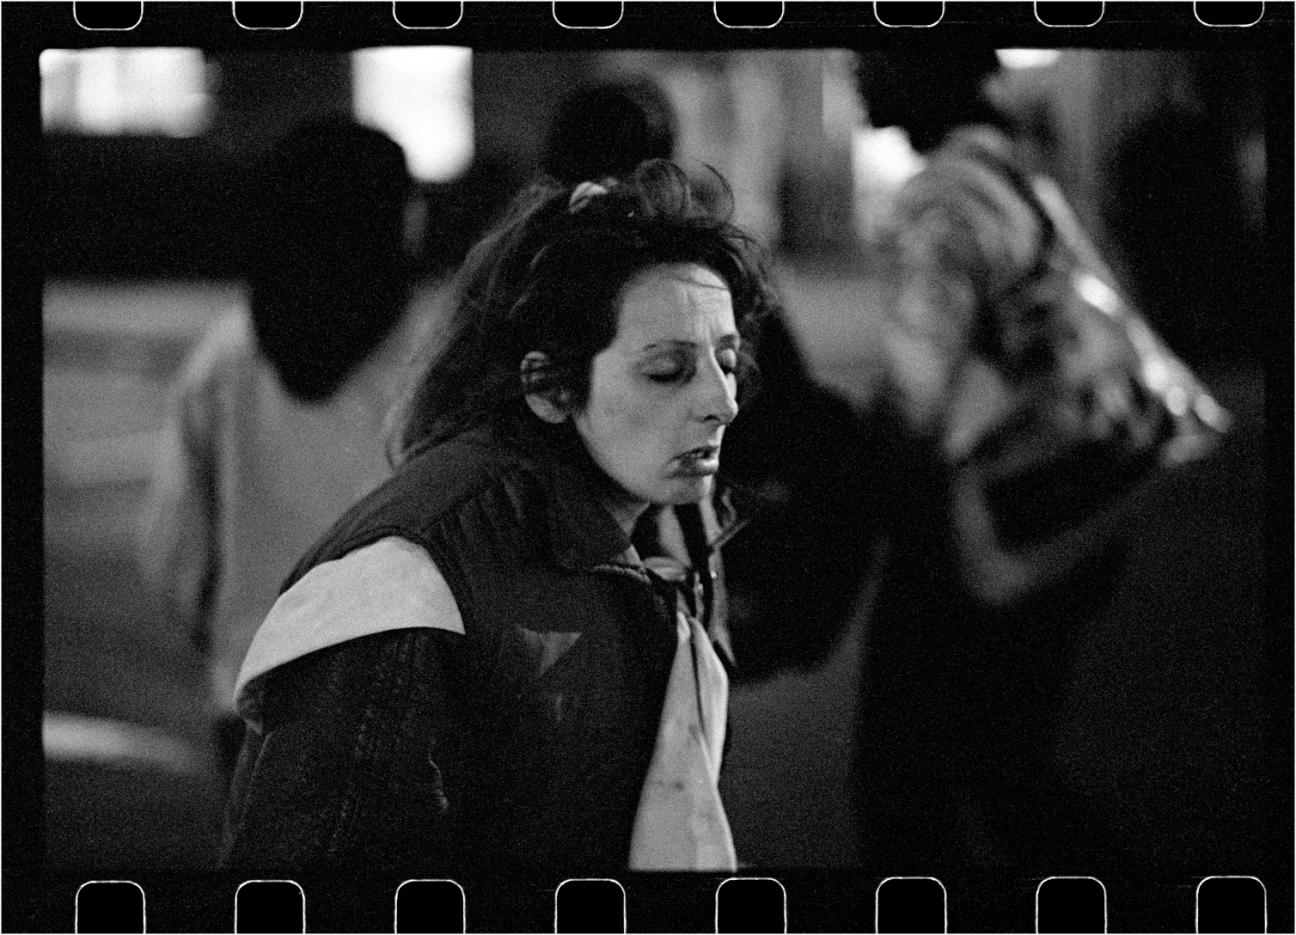 Lady-Junky-nod-night-1989 copy